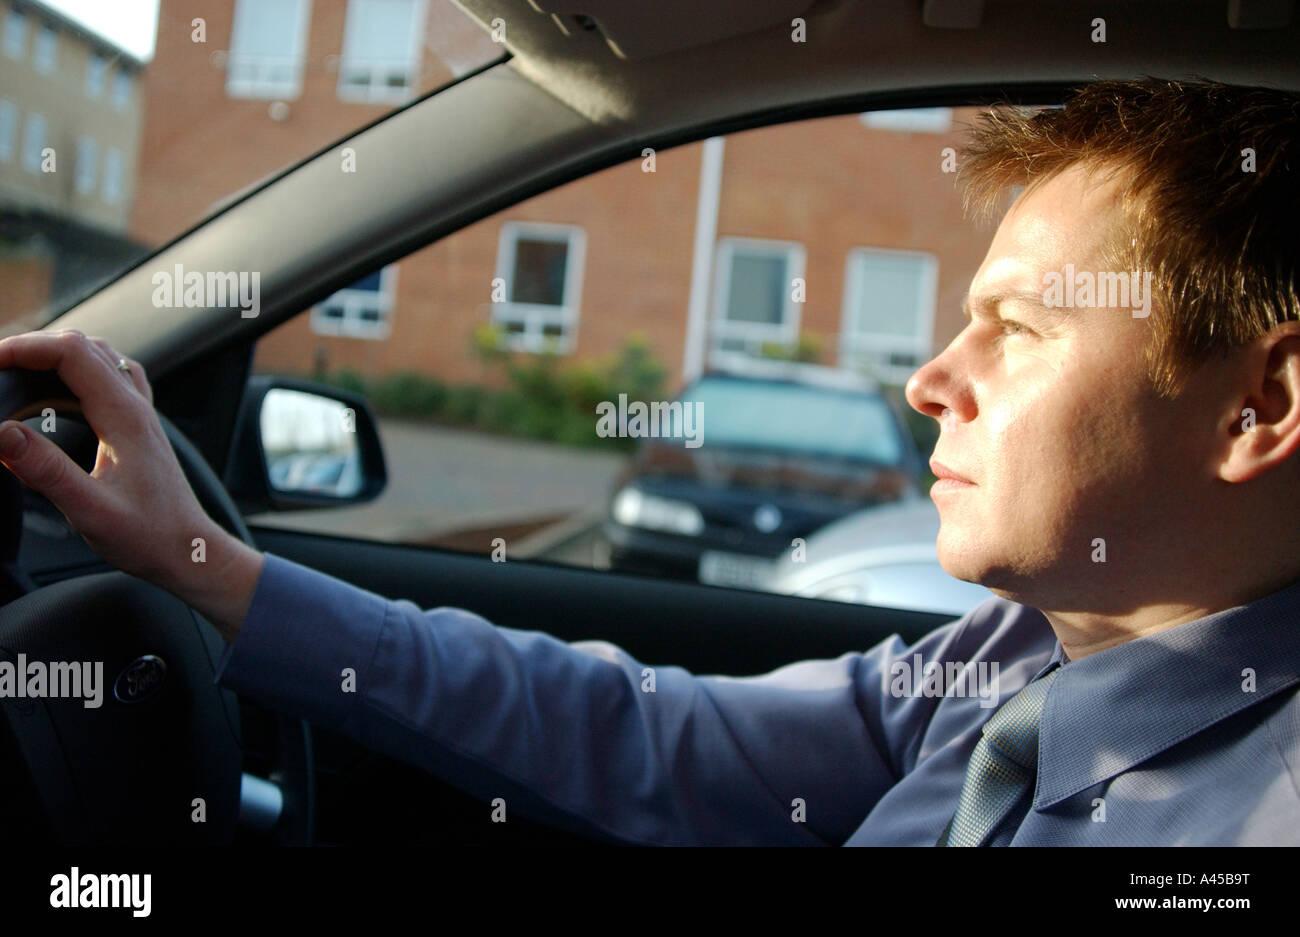 Fotografías royalty free de conmutar el piloto británico en Londres, Reino Unido trabajan duro todo el Imagen De Stock